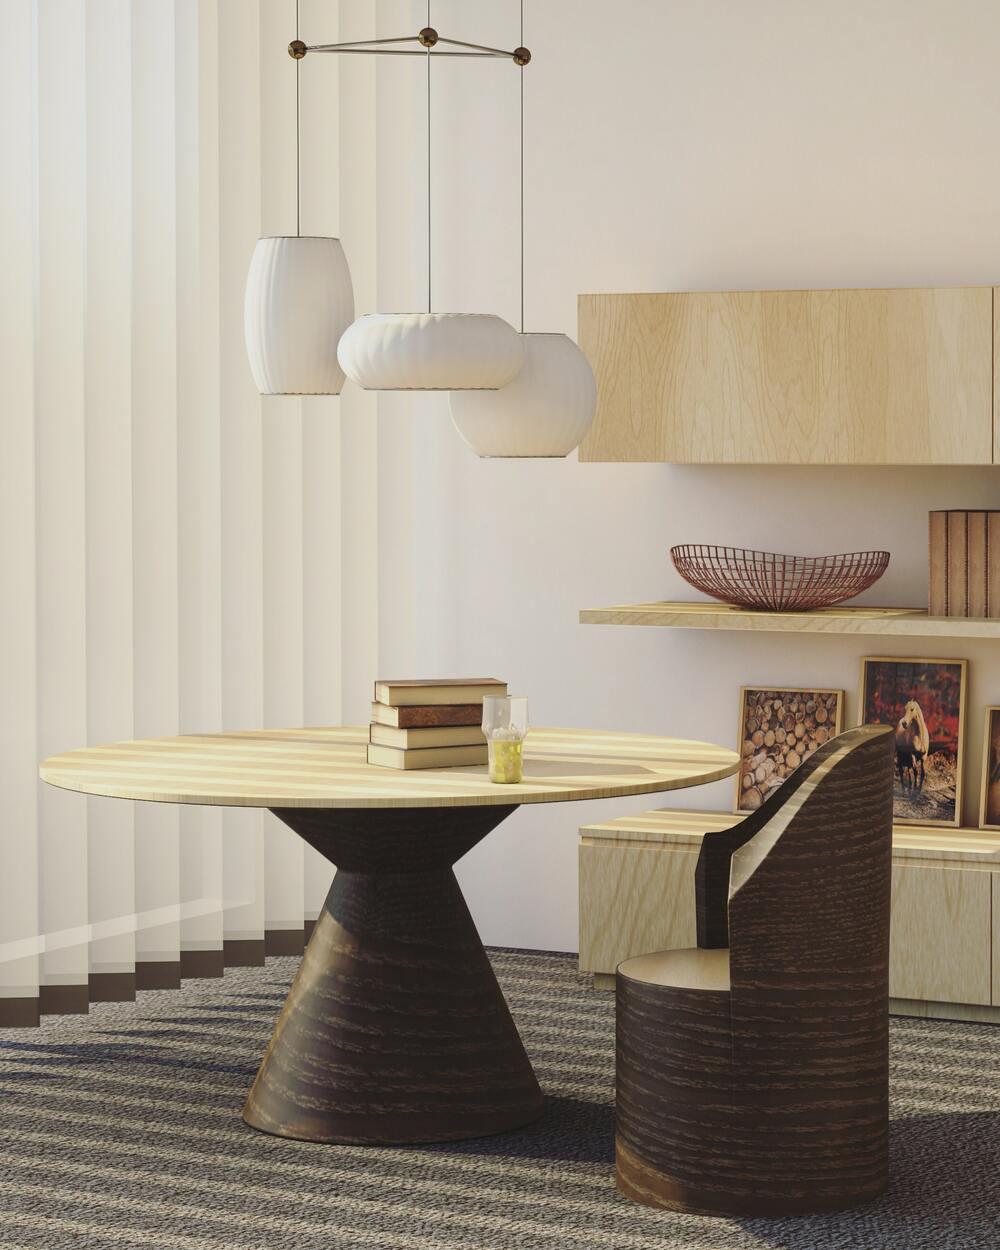 Imagen que contiene interior, pared, suelo , mesa ,silla